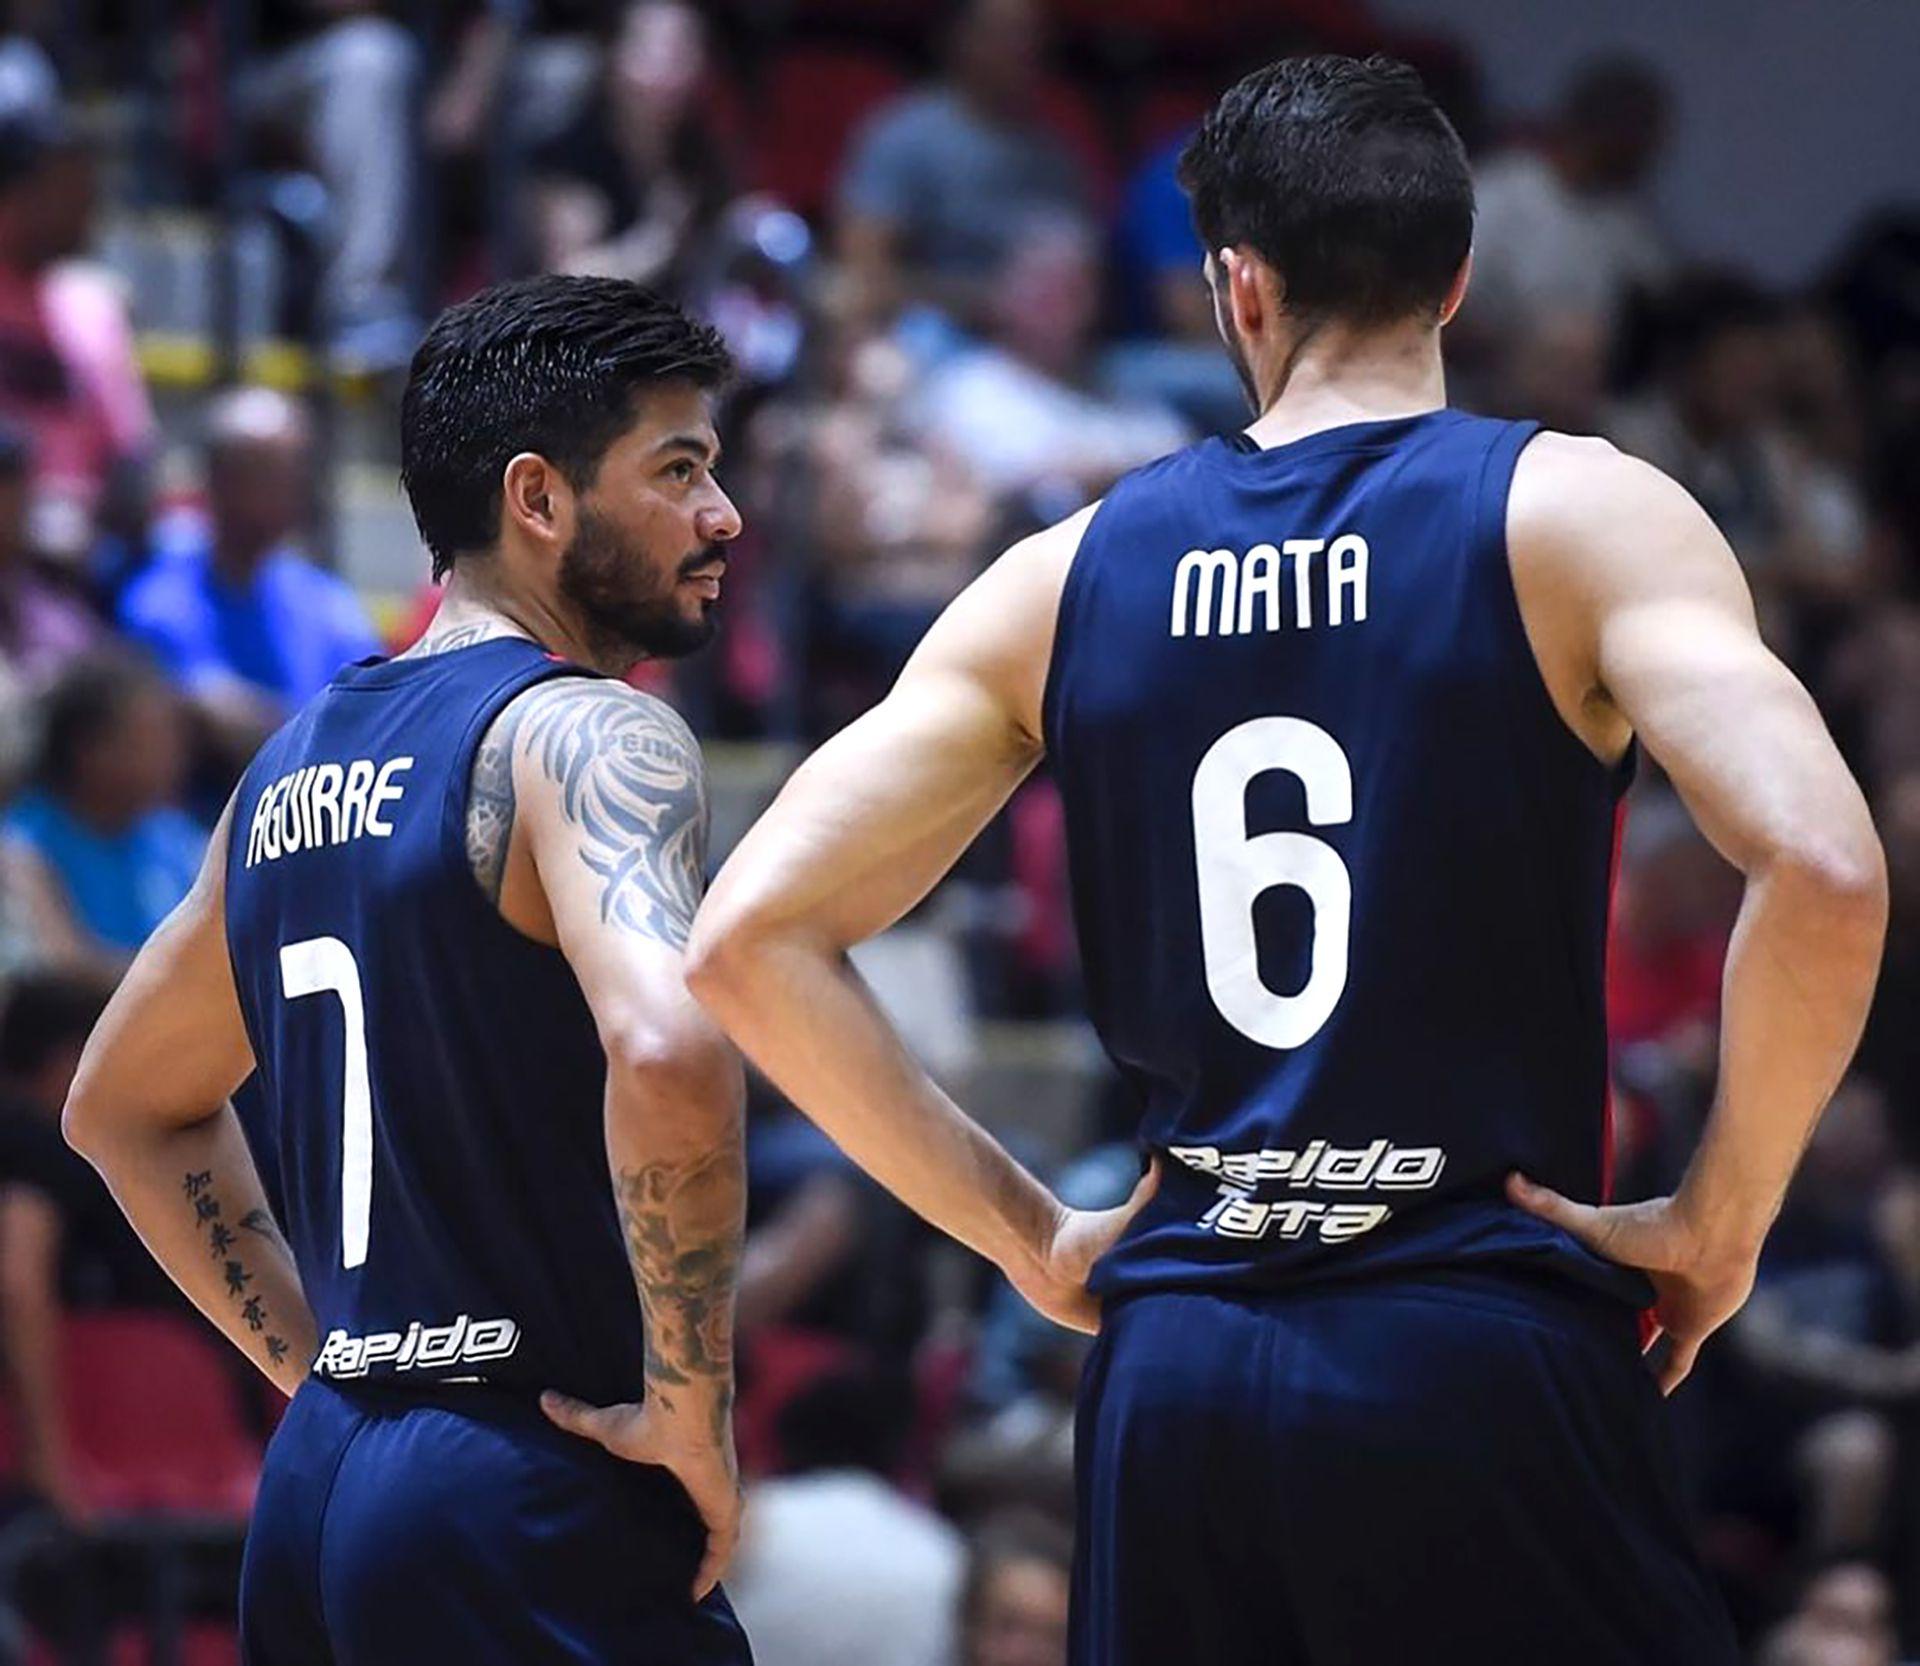 Mantener a Aguirre y Mata, una de las claves en San Lorenzo (@caslabasquet)